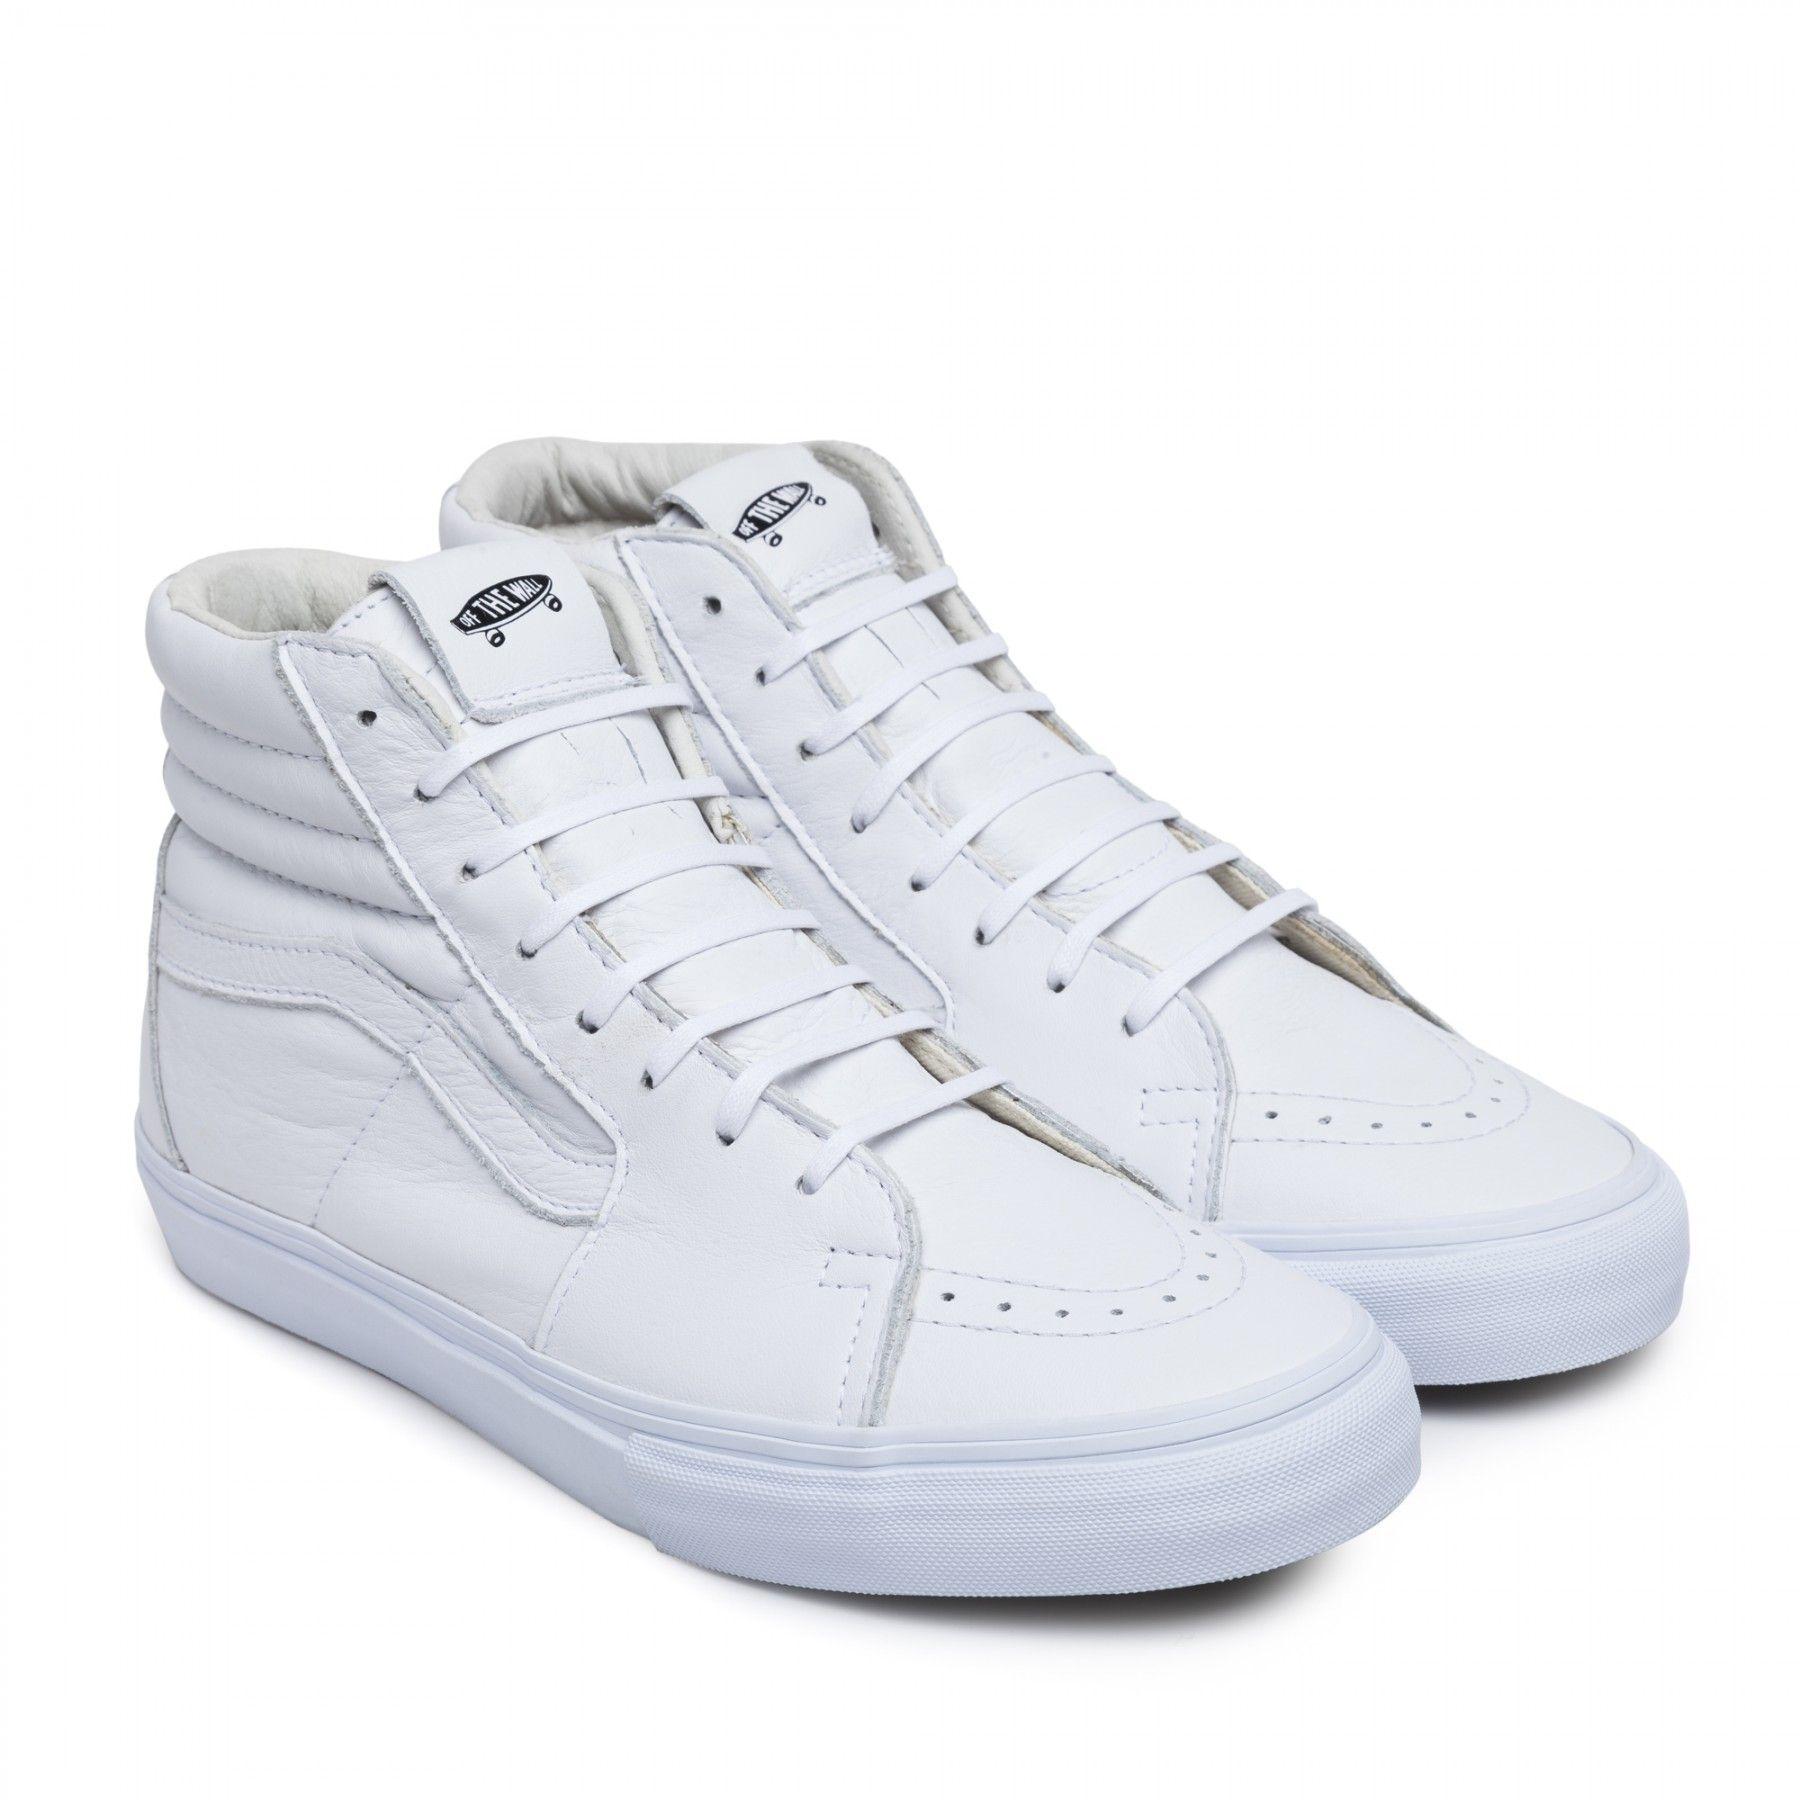 vans sk8 hi leather white